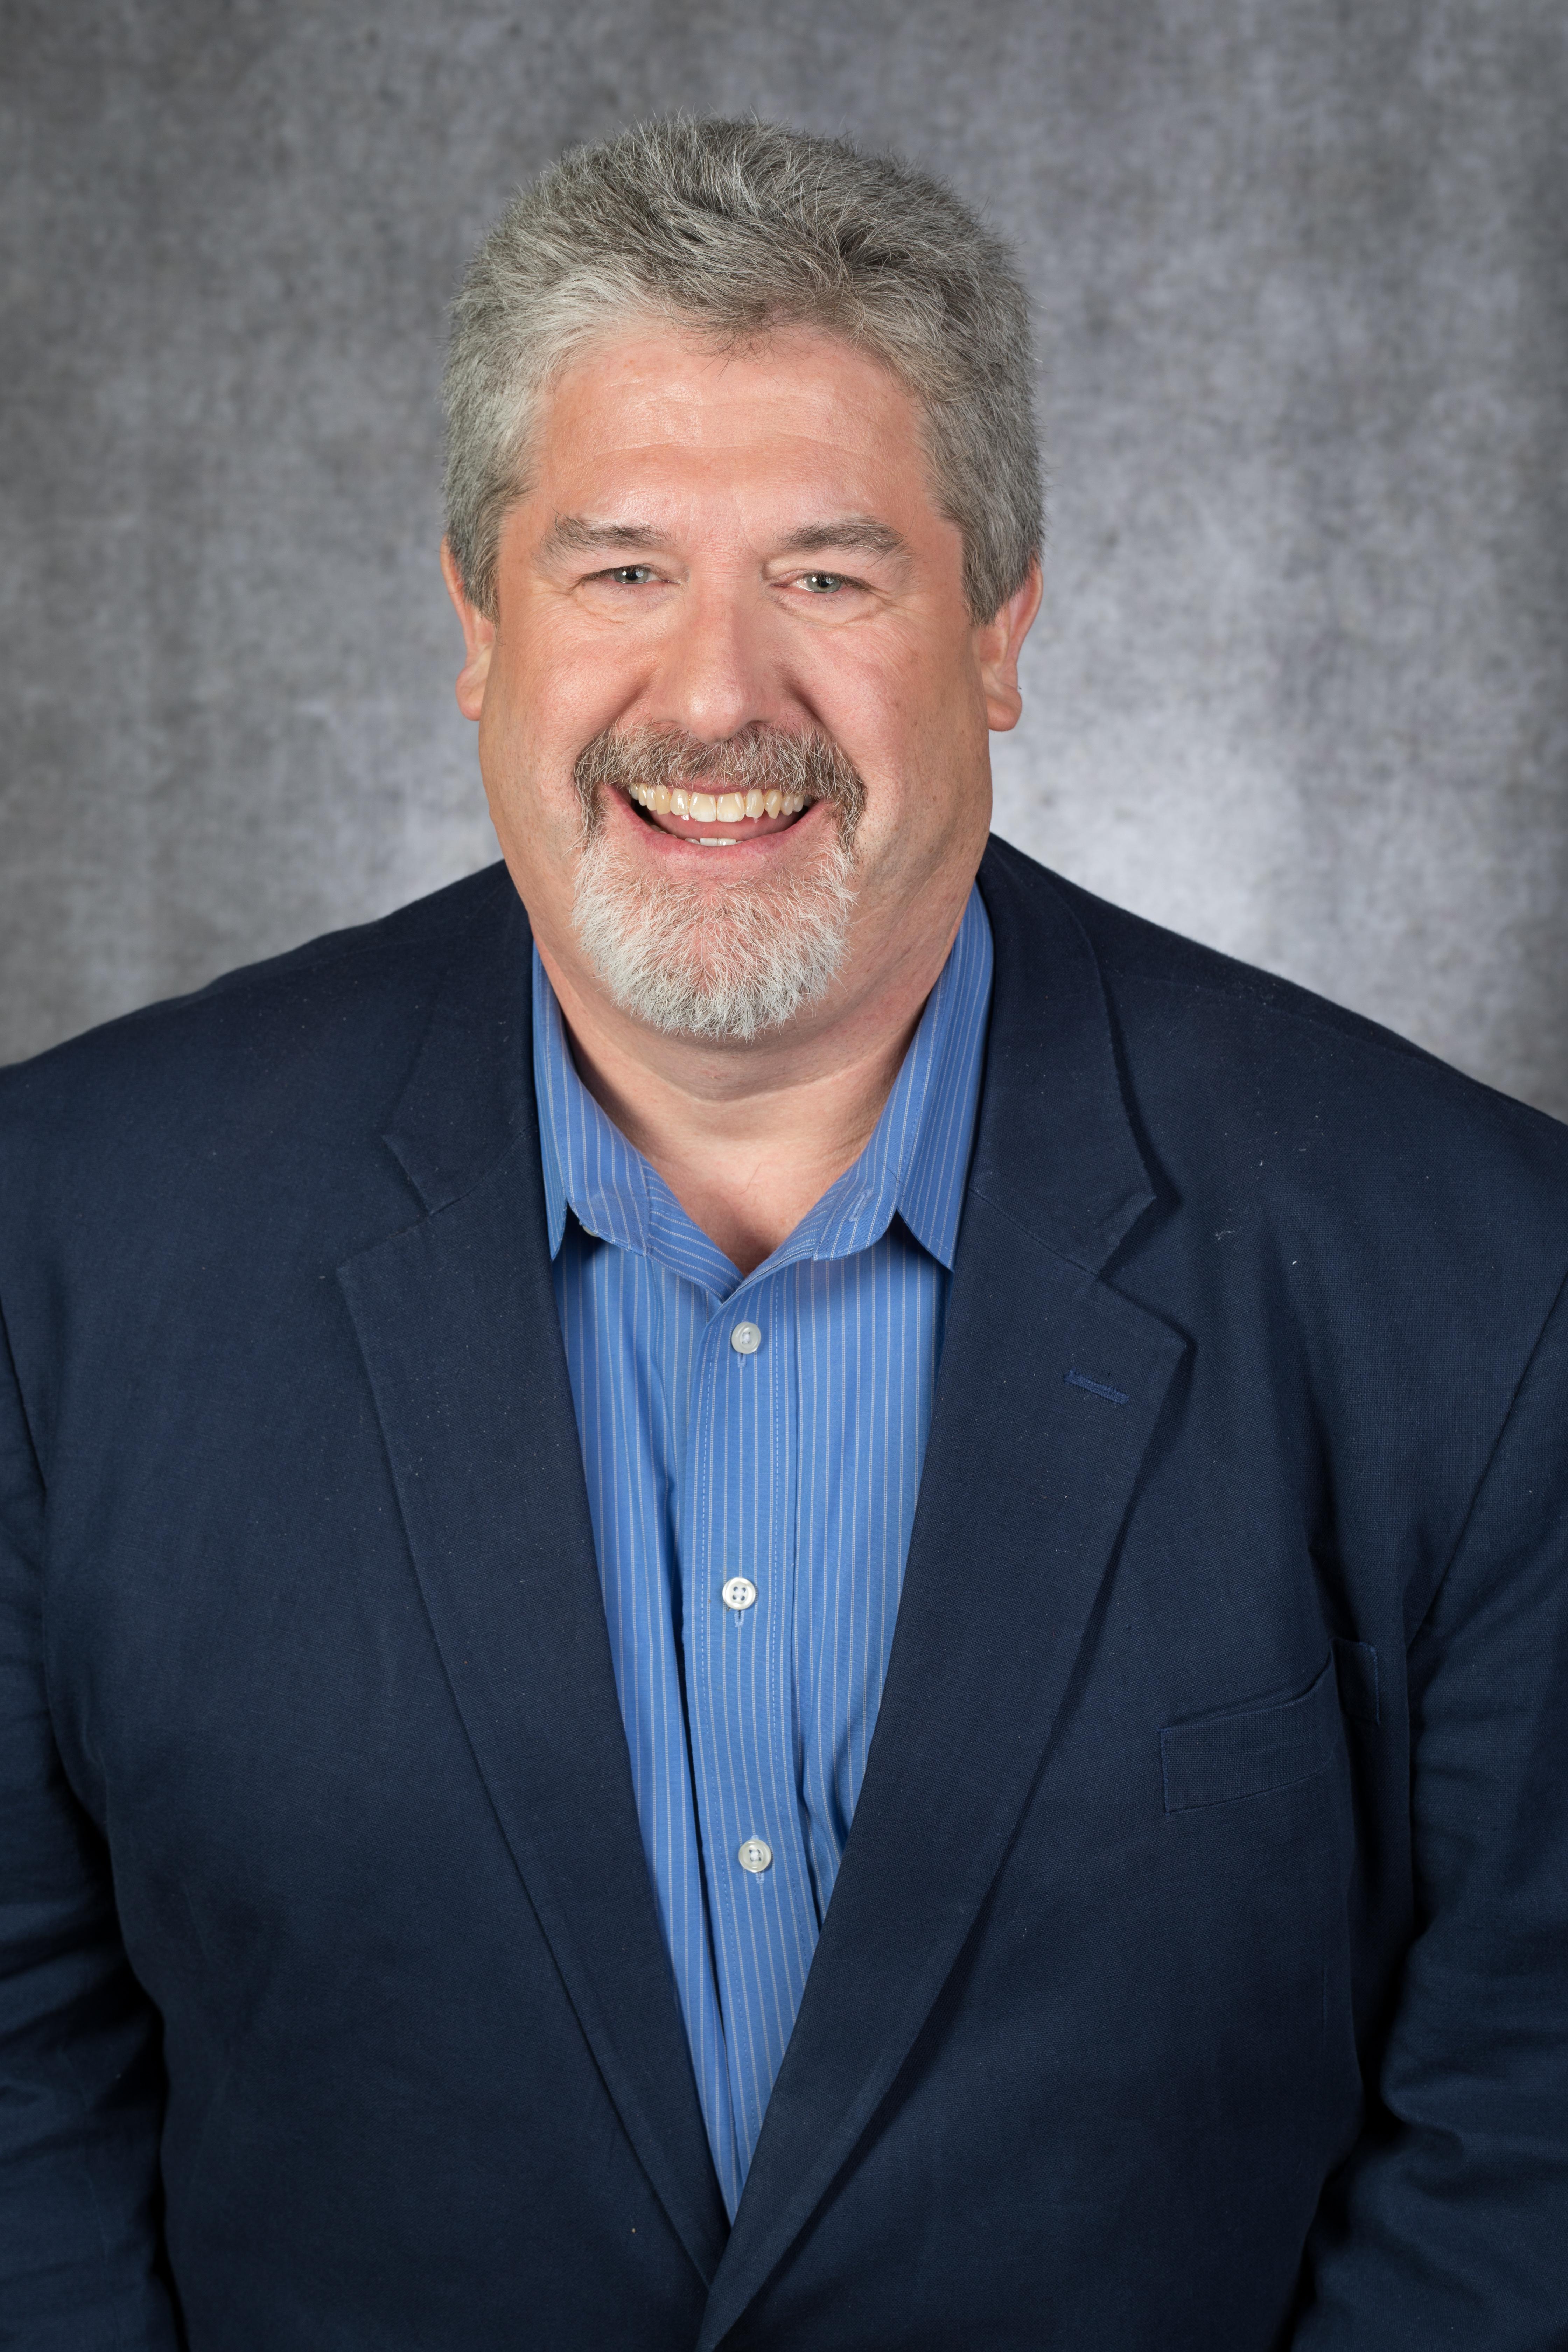 John Yarbrough